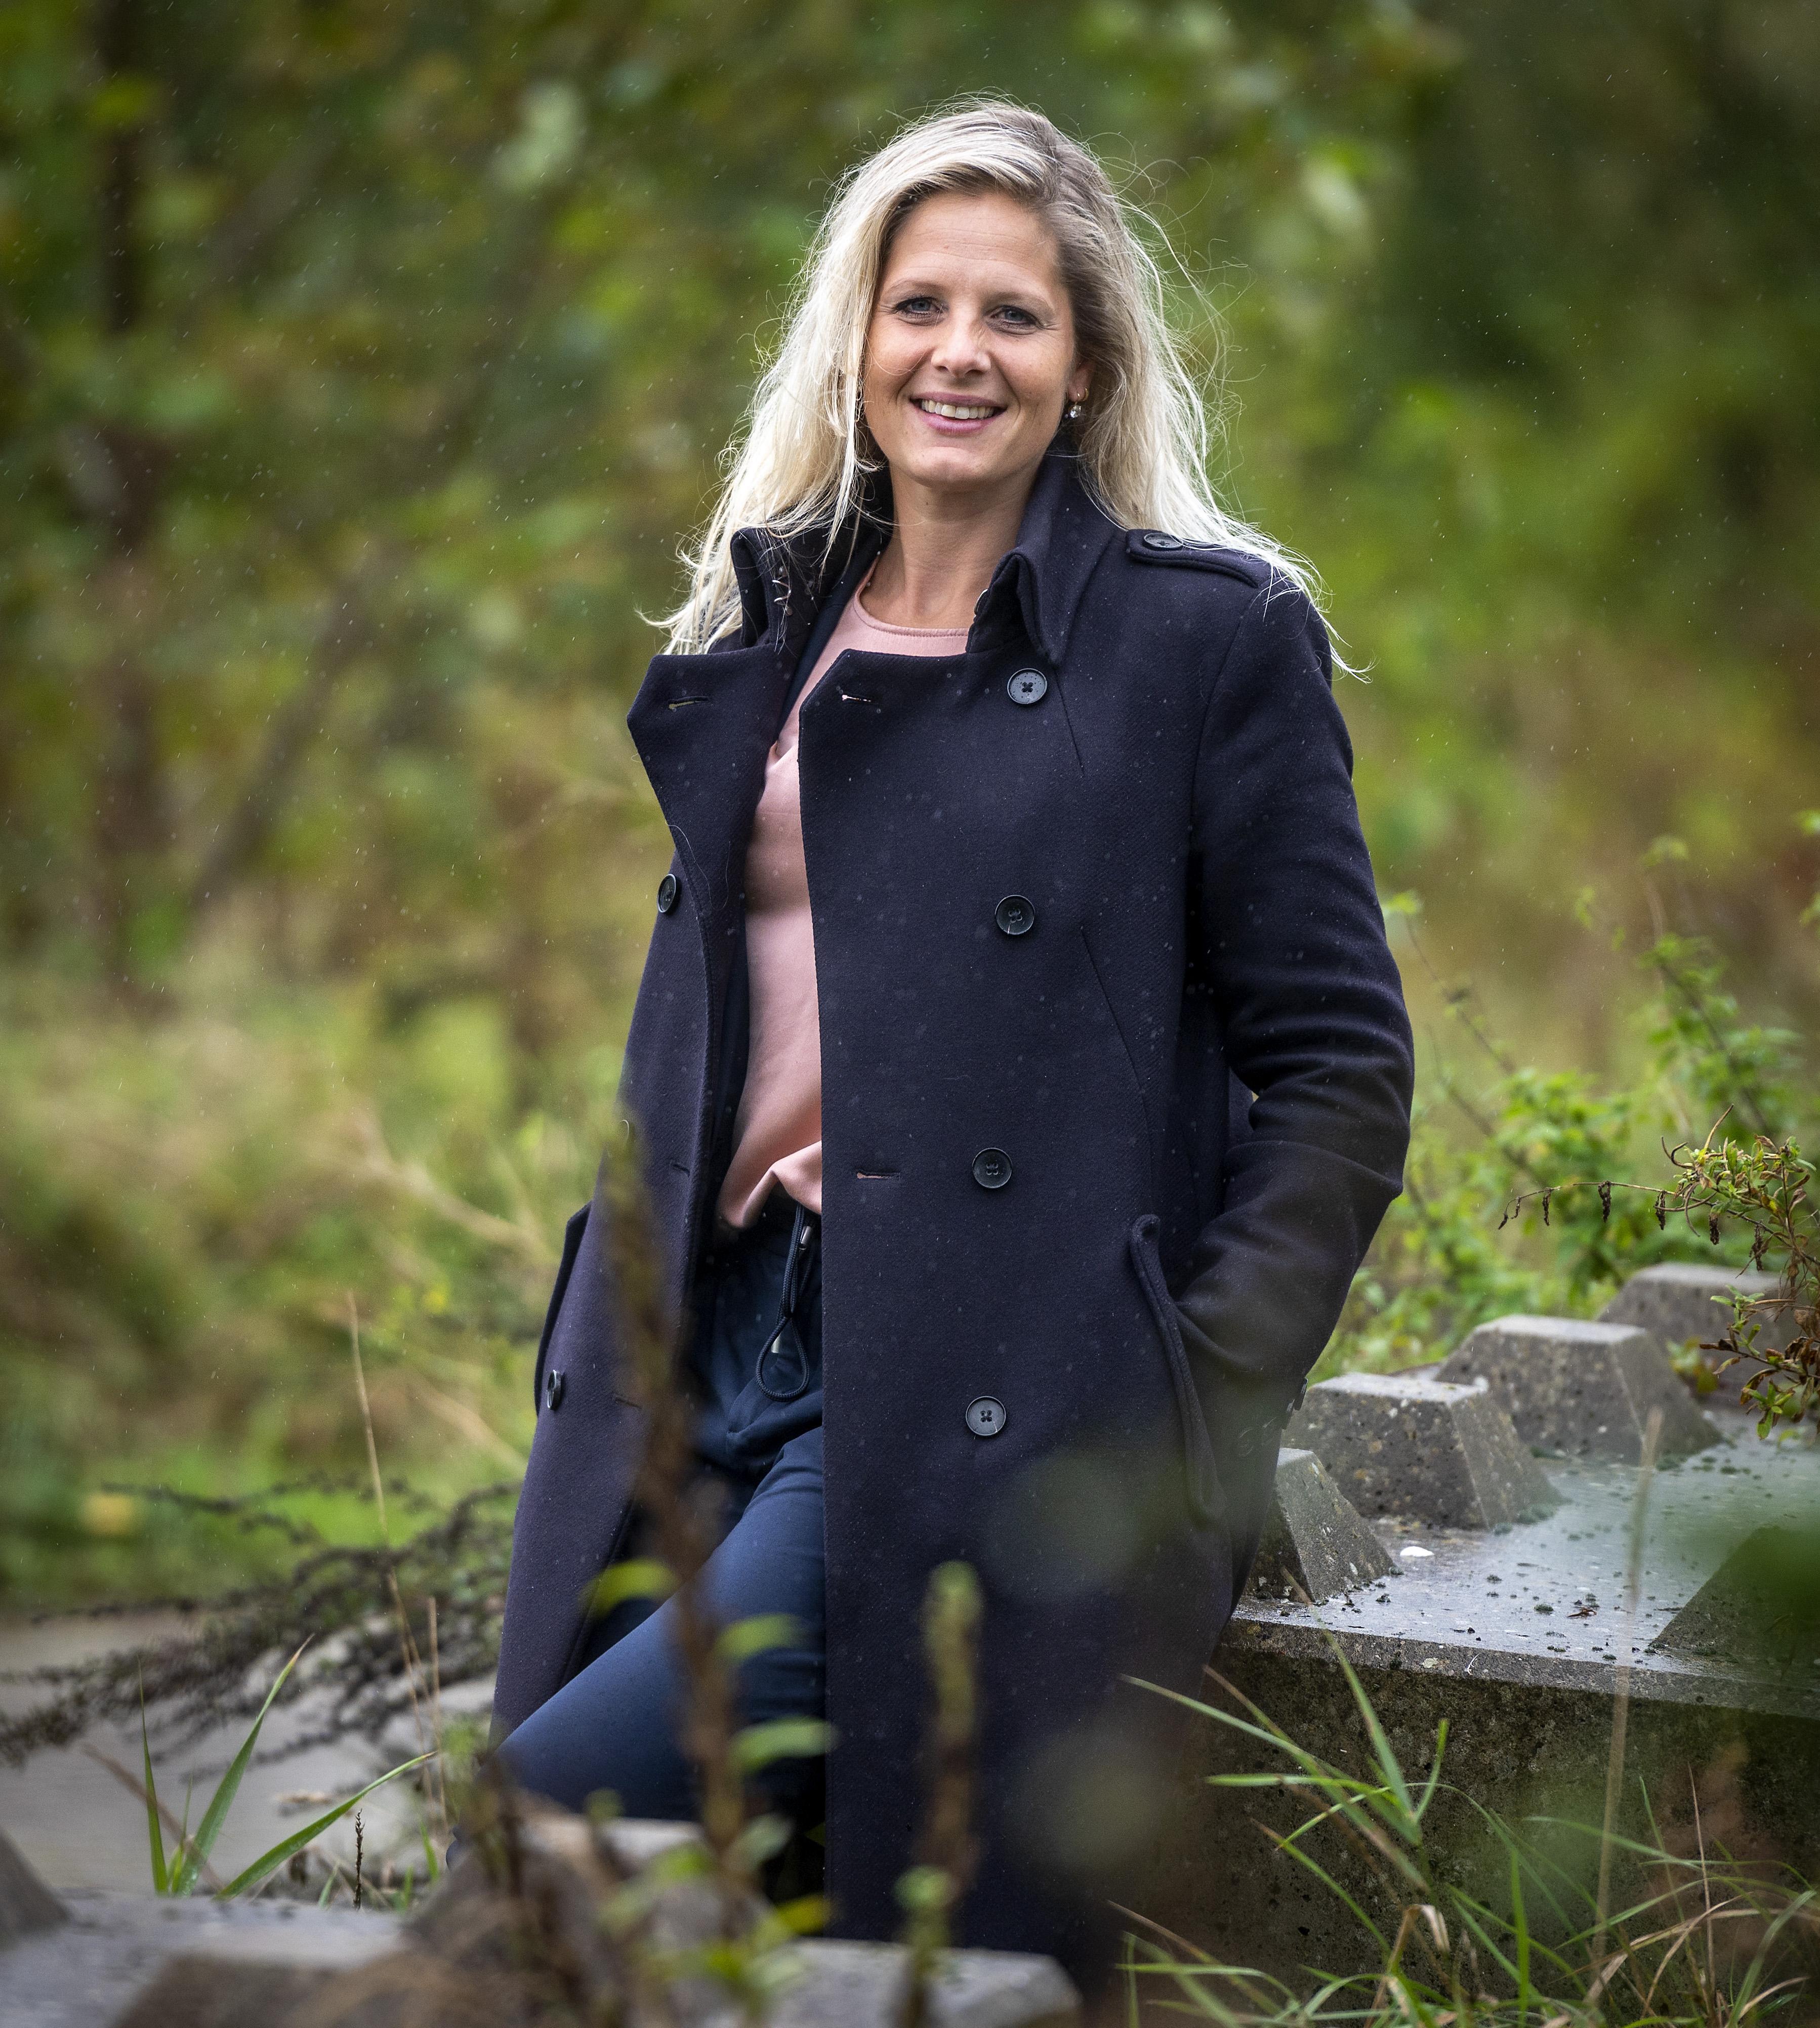 Slachtoffer Nikkie worstelt dertig jaar later nog dagelijks met de gevolgen van pesten. 'Ik werd een soort kameleon van meerdere Nikkies'